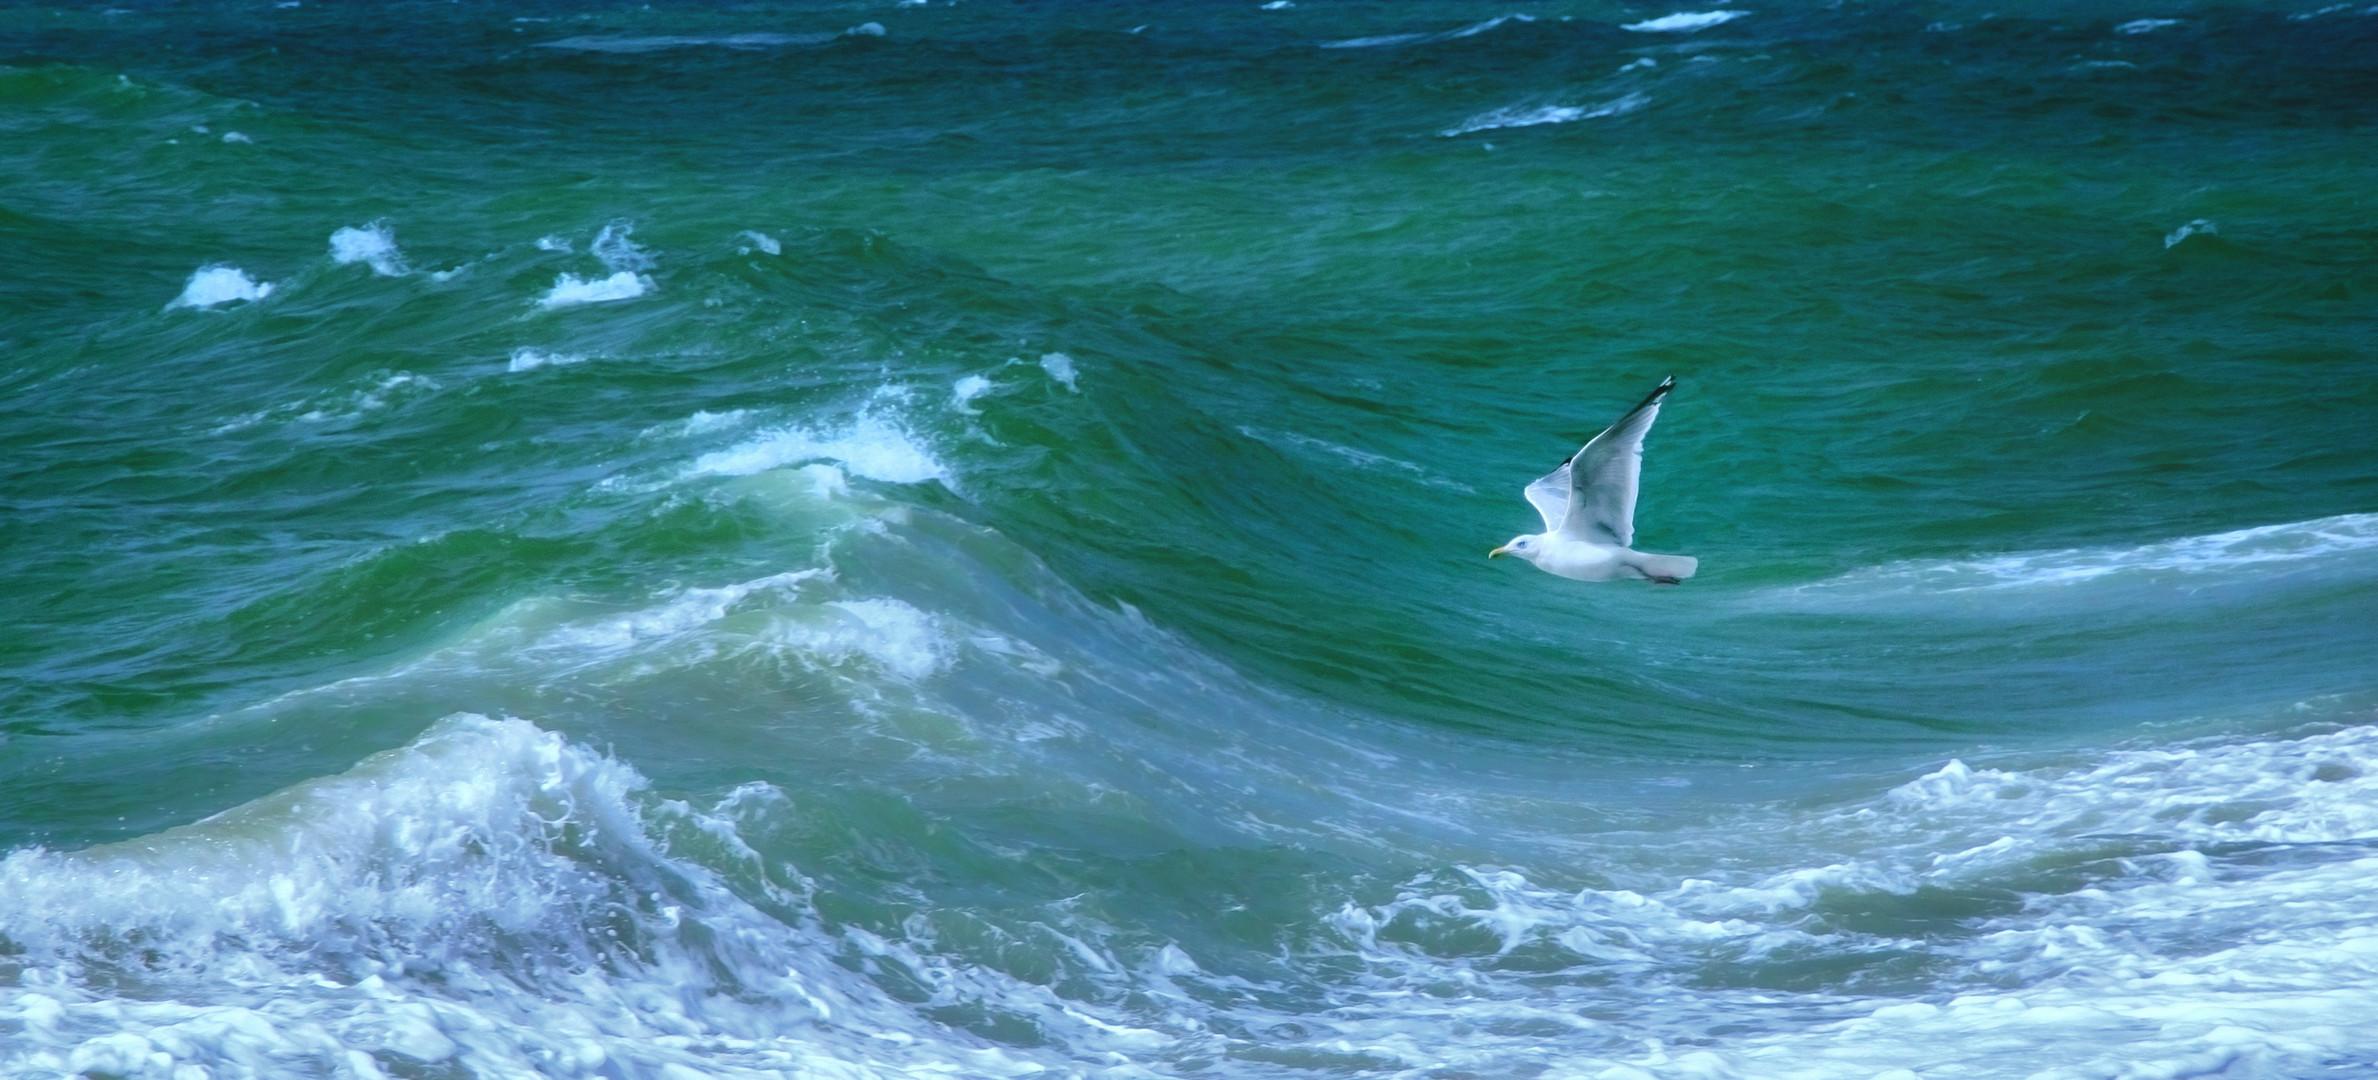 Möwe Vogel Meer Natur Wasser